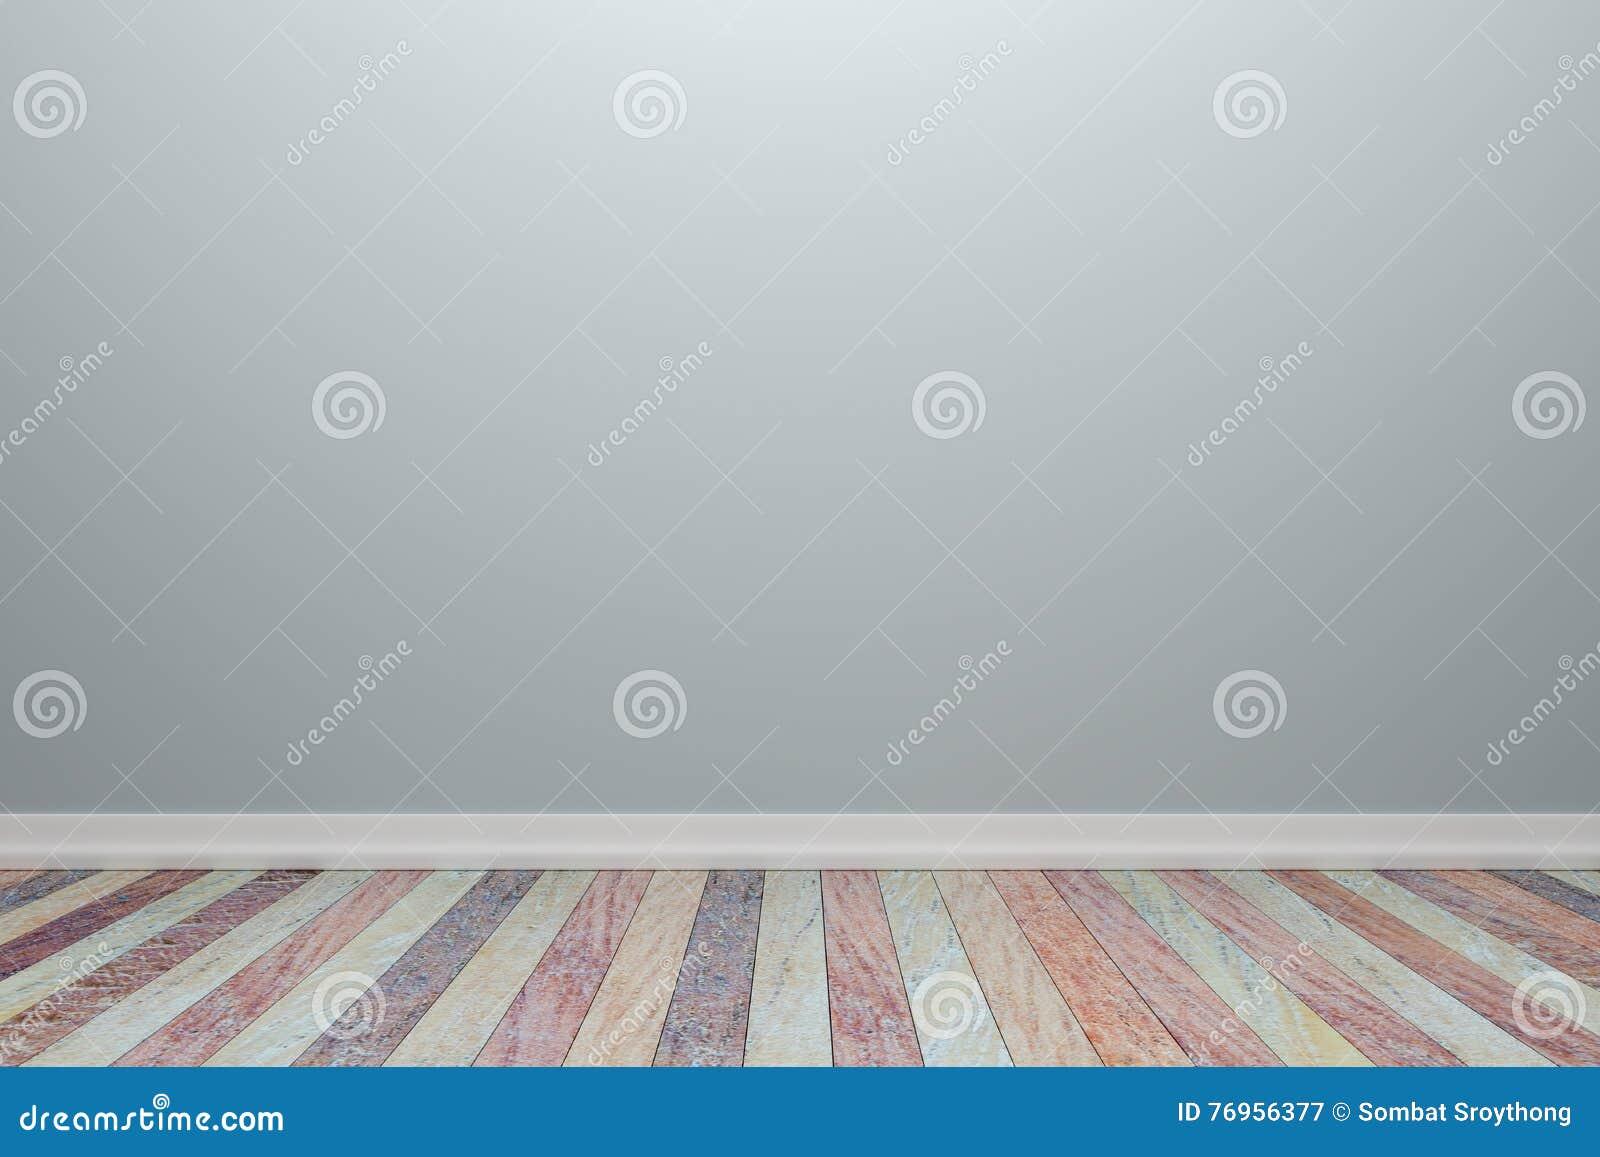 Lichtgrijze Houten Vloer : Lege binnenlandse lichtgrijze ruimte met houten vloer voor